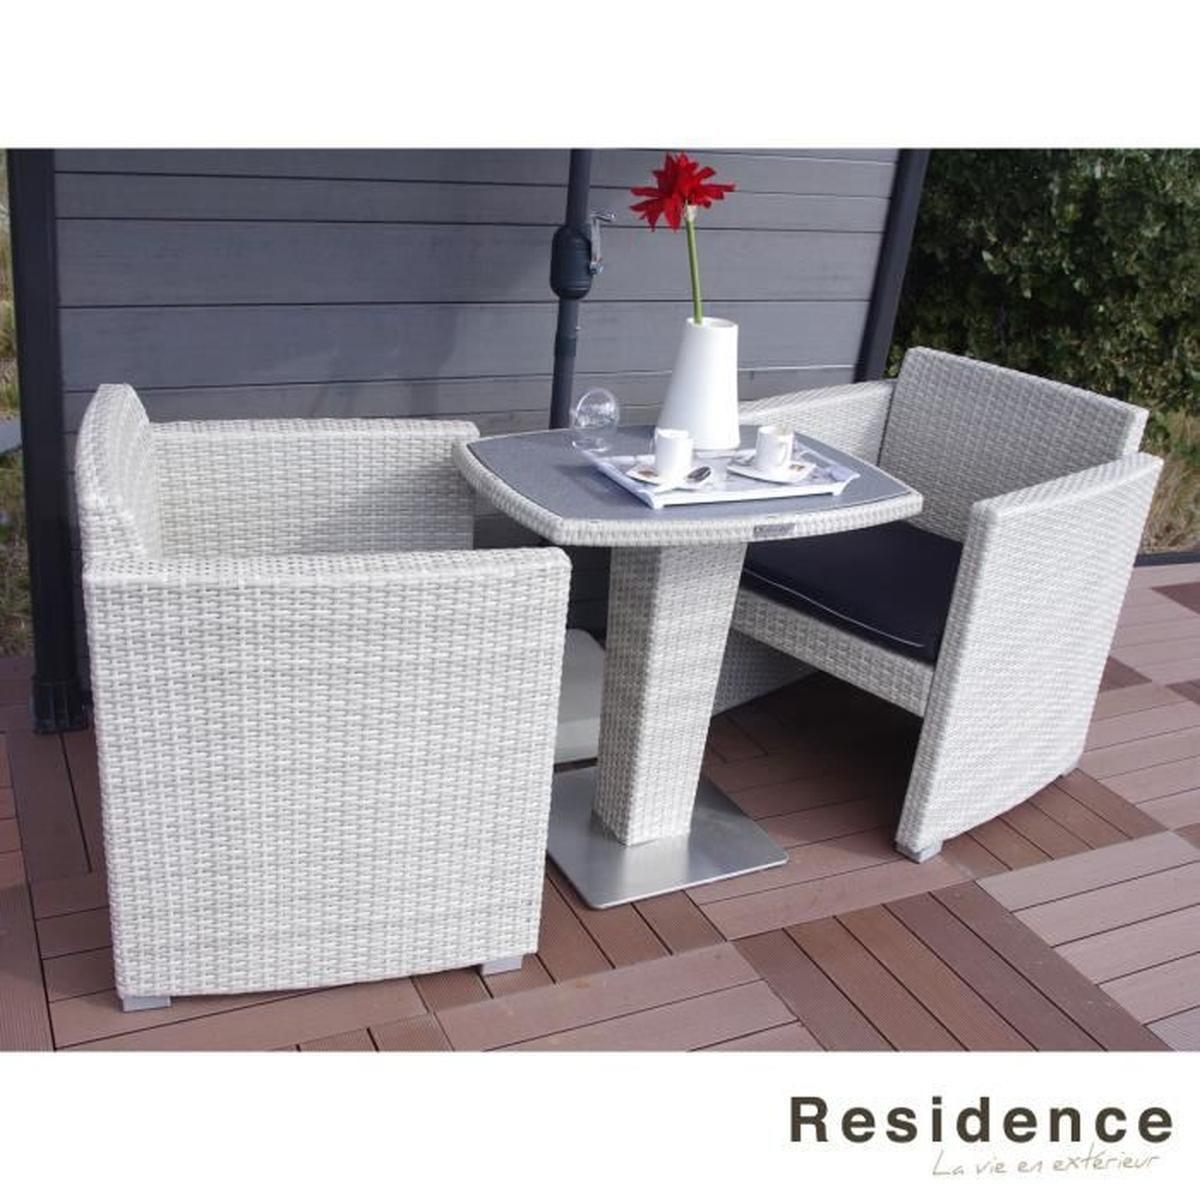 Set Balcon Repas Dolce Oceane - Achat / Vente Ensemble Table ... concernant Cdiscount Table De Jardin